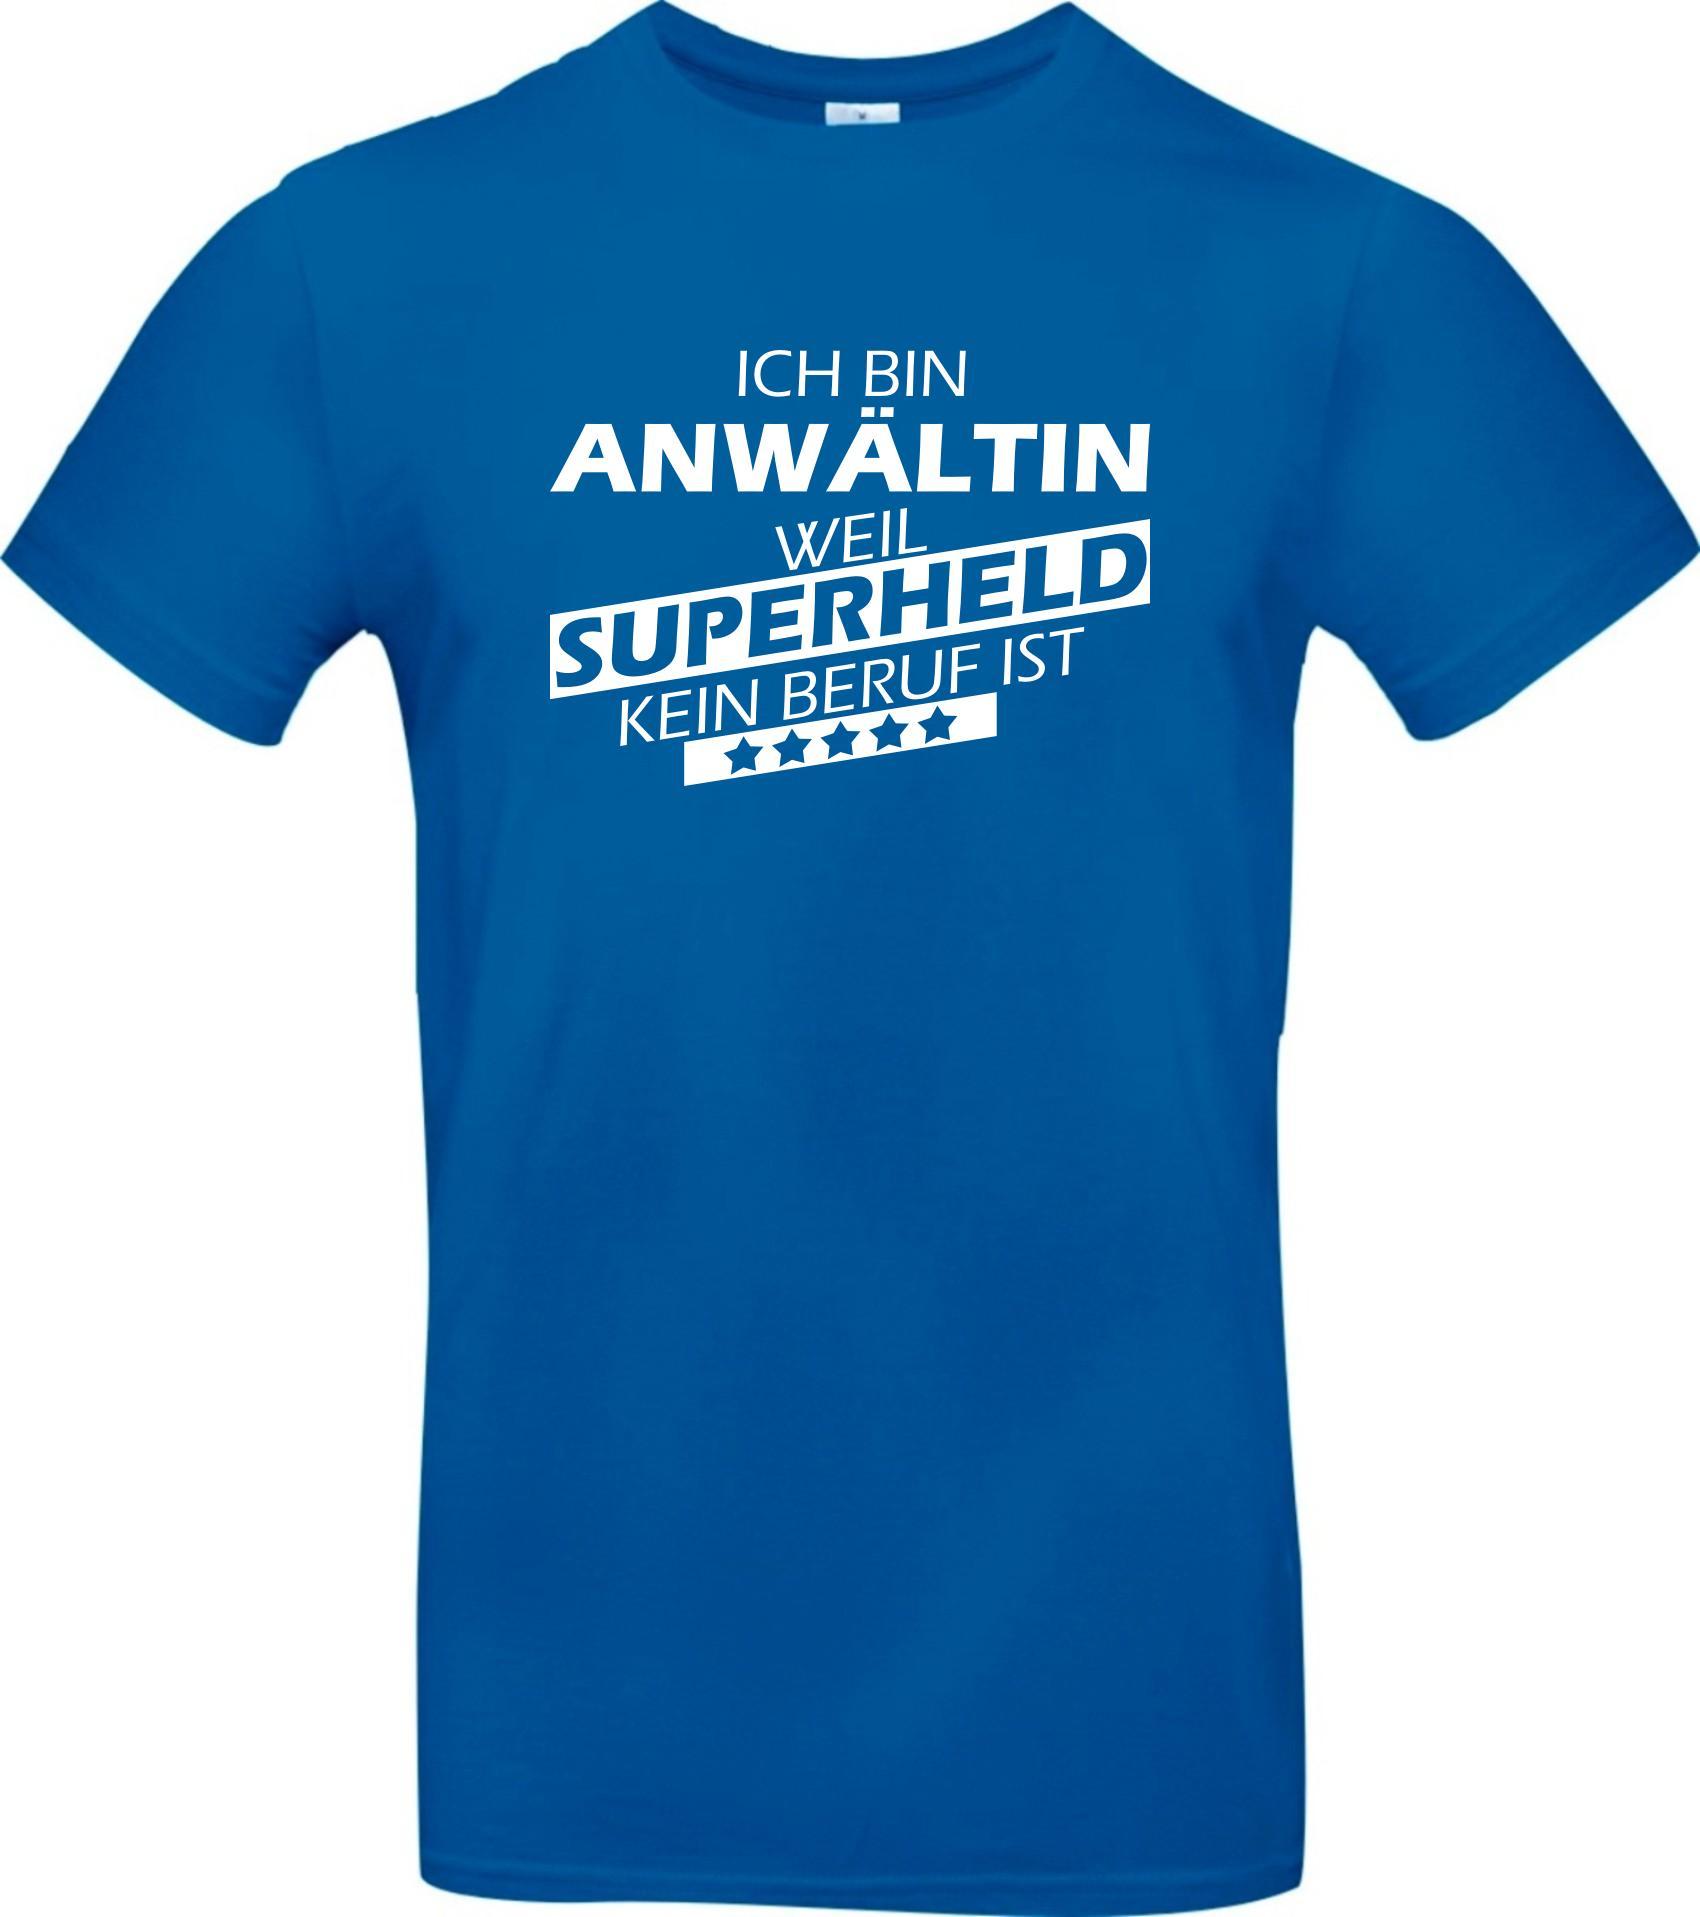 Maenner-Shirt-Ich-bin-Anwaeltin-weil-Superheld-kein-Beruf-ist